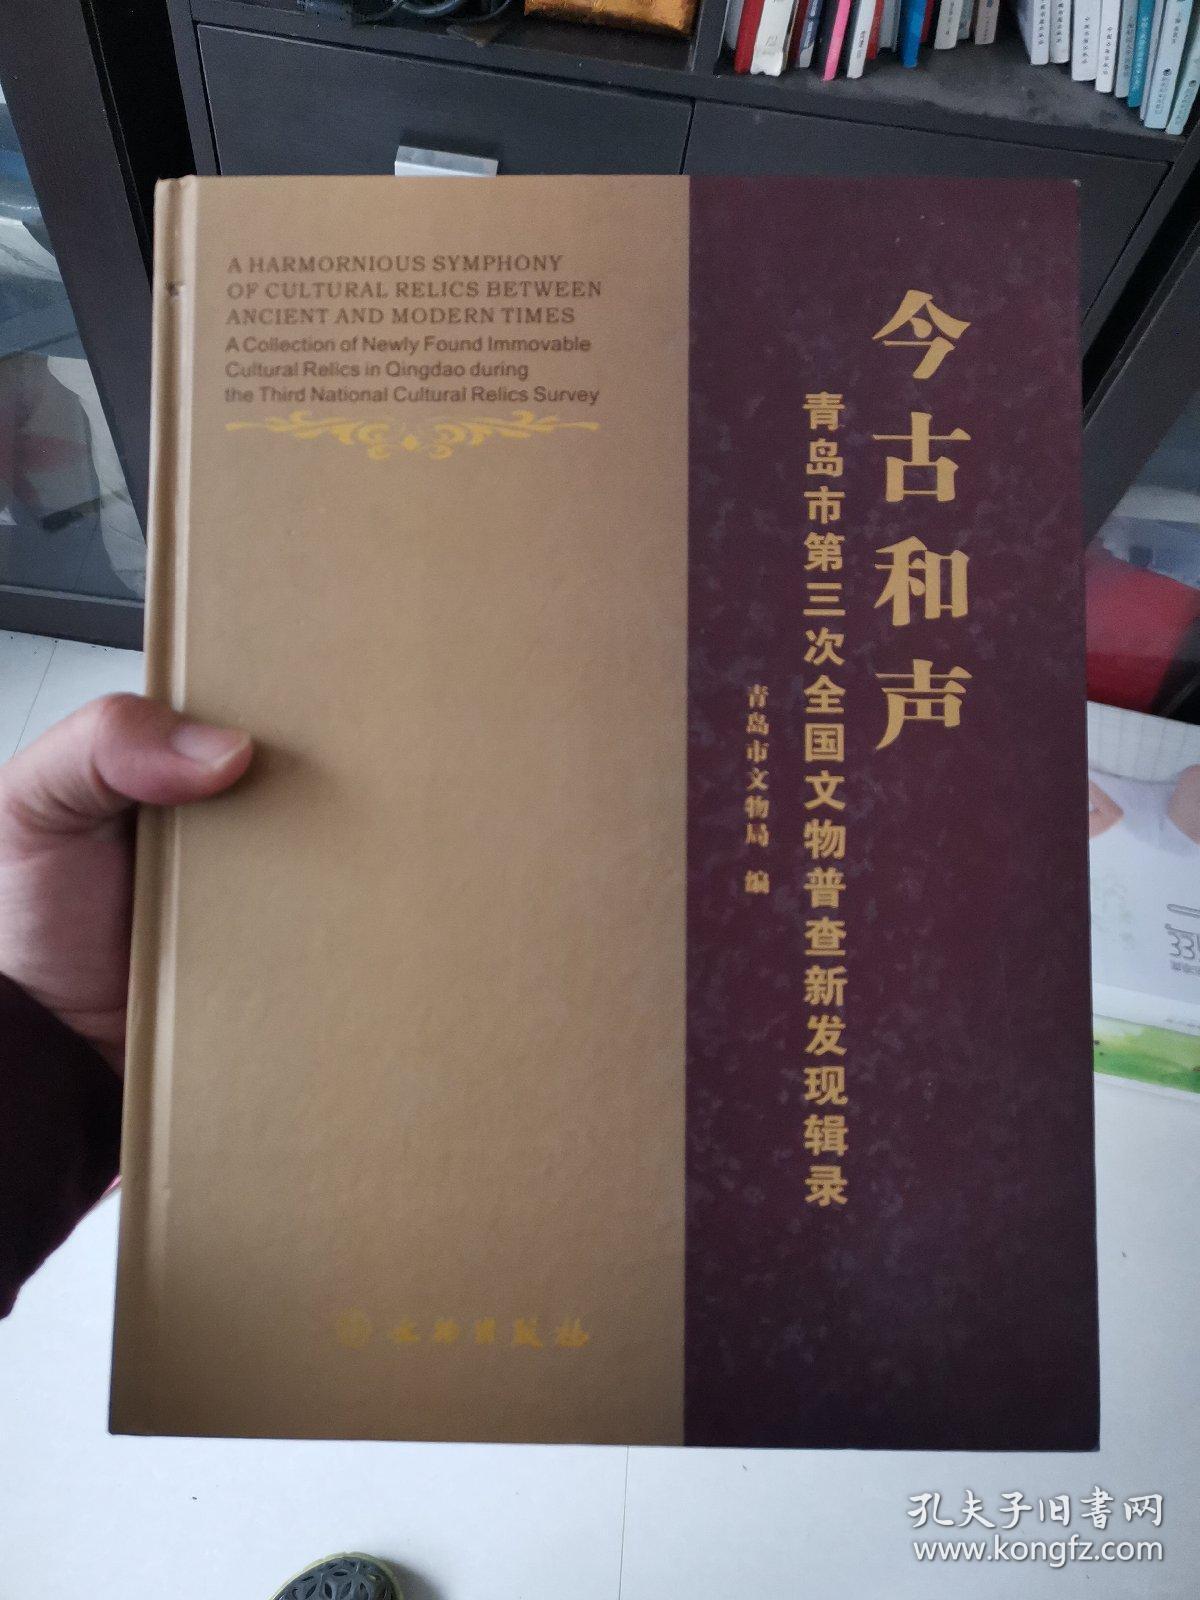 今古和声:青岛市第三次全国文物普查新发现辑录